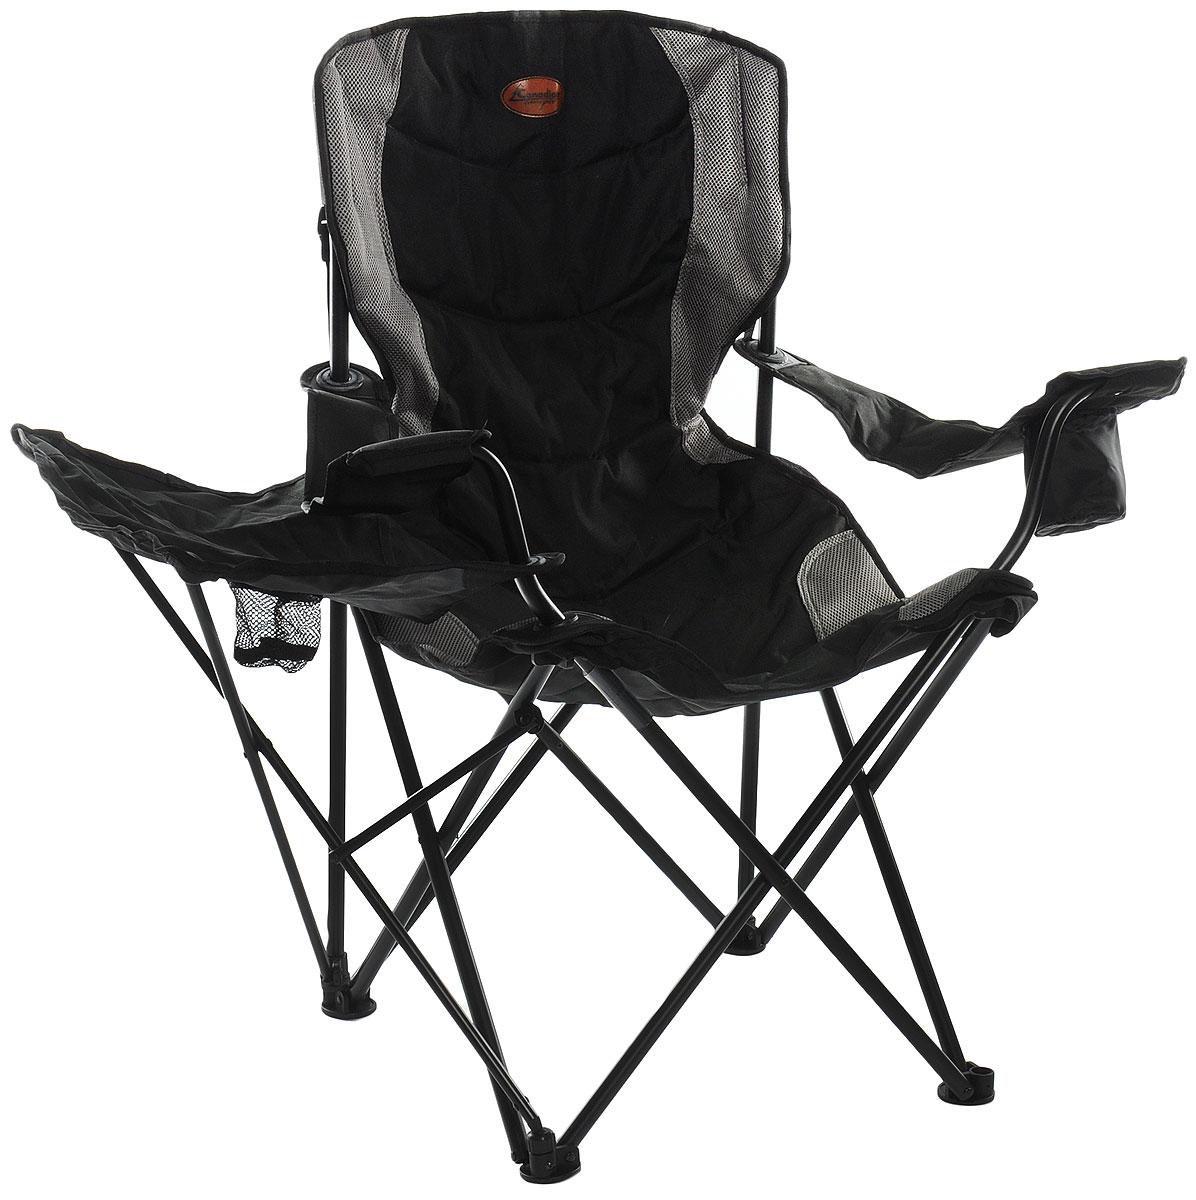 """Складное кресло Canadian Camper """"CC-399T"""" с широким сиденьем и подлокотниками станет незаменимым предметом в походе, на природе, на рыбалке, а также на даче. На подлокотнике имеется отделение для бутылки или стакана.  Кресло имеет прочный стальной каркас, оно легко собирается и разбирается и не занимает много места, поэтому подходит для транспортировки и хранения дома."""